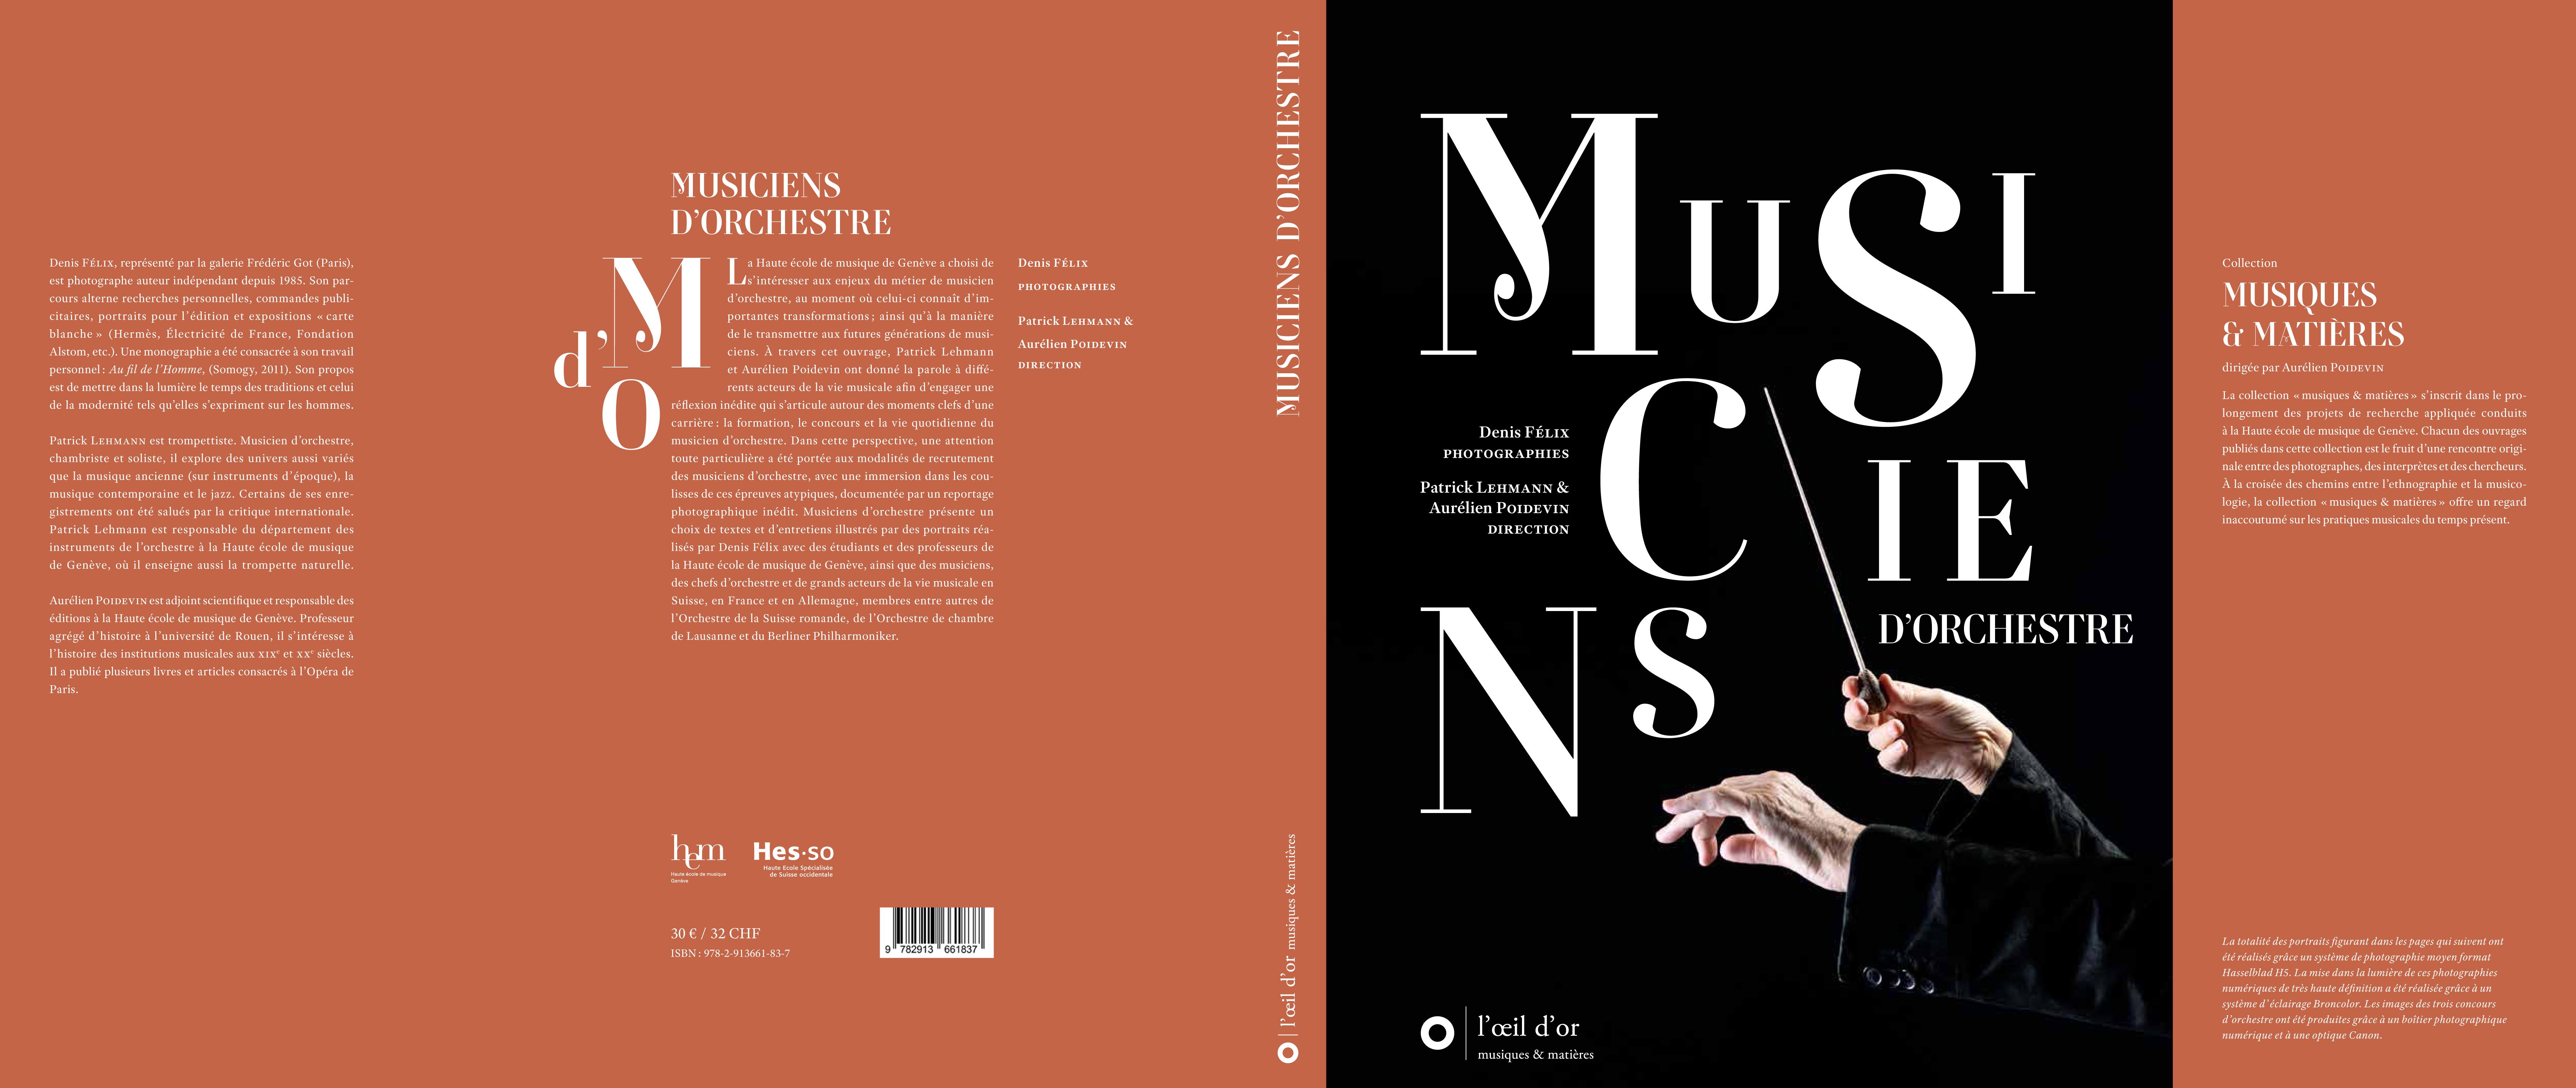 """Patrick Lehmann & Aurélien Poidevin (direction) Denis Félix (photographies), Musiciens d'orchestre, Paris, L'œil d'or, coll. """"musiques & matières"""", 2017."""